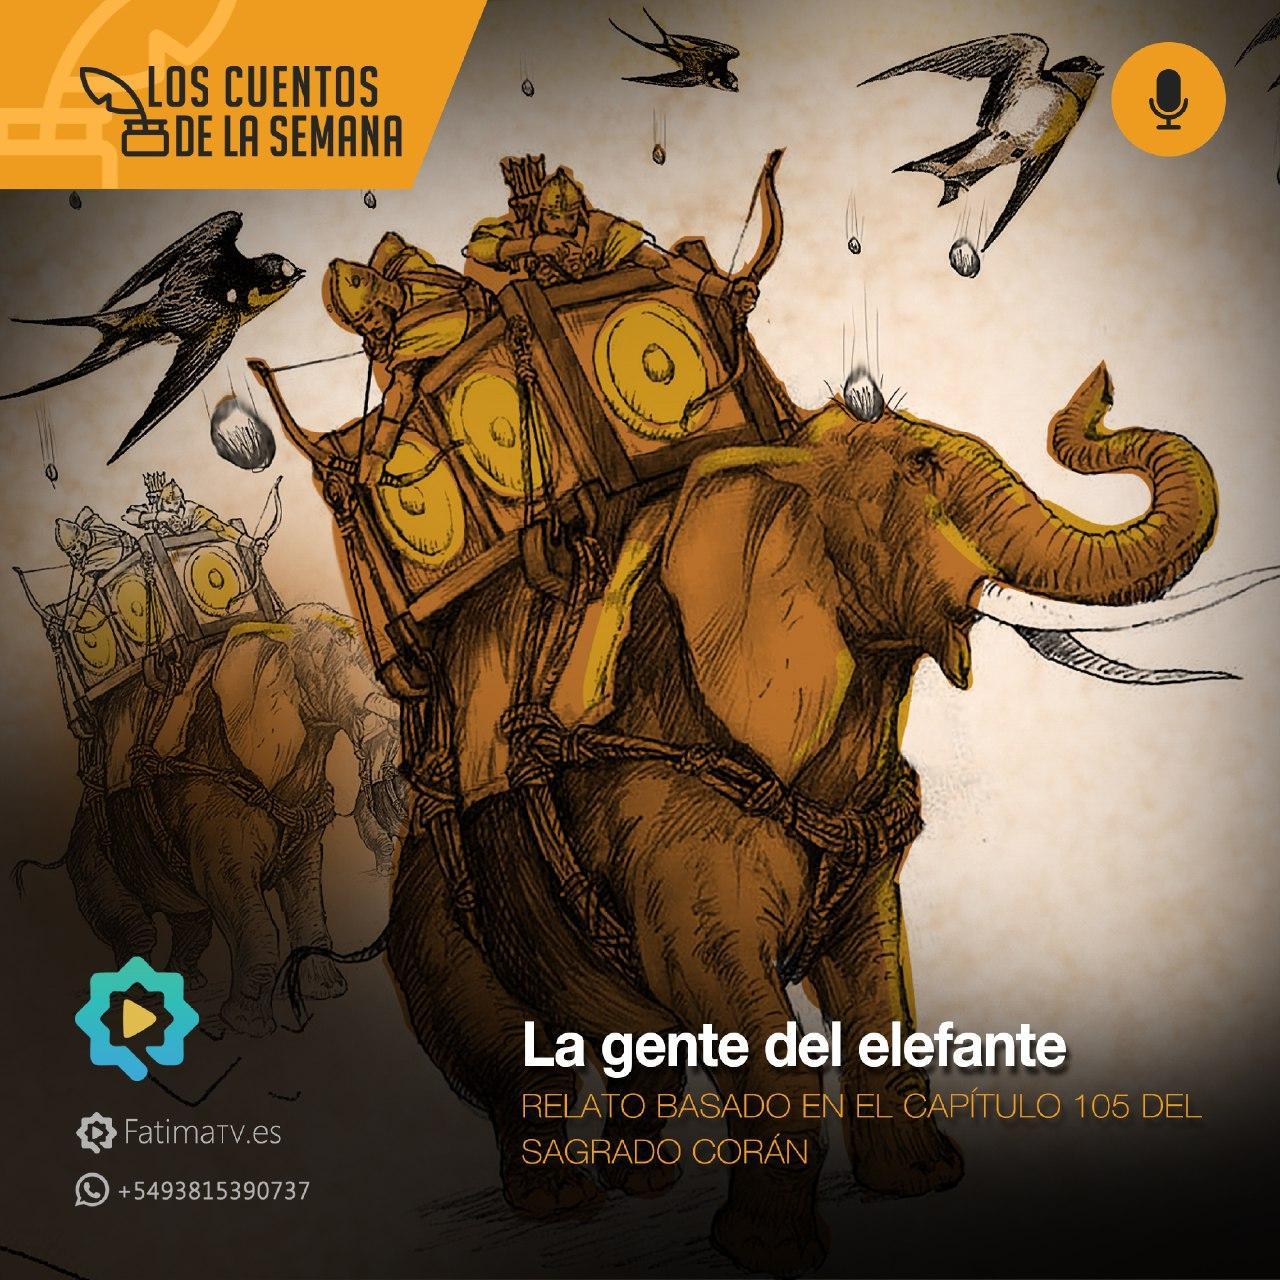 La gente del elefante